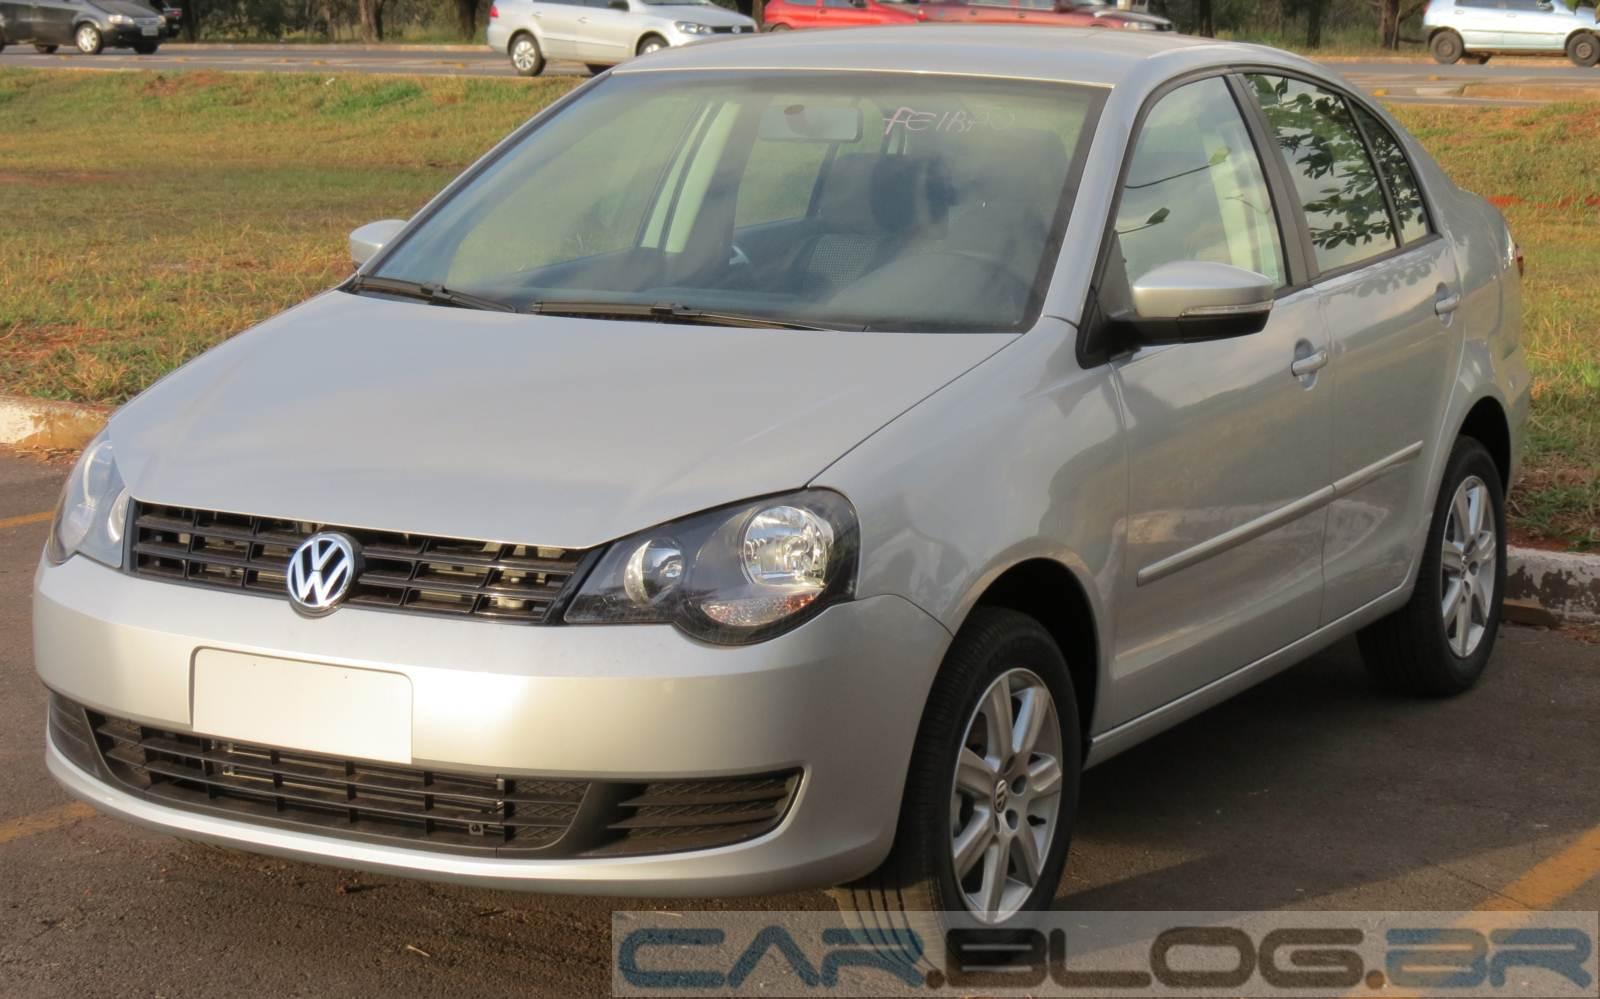 Com a saída de linha do Polo, a Volkswagen ficará sem um